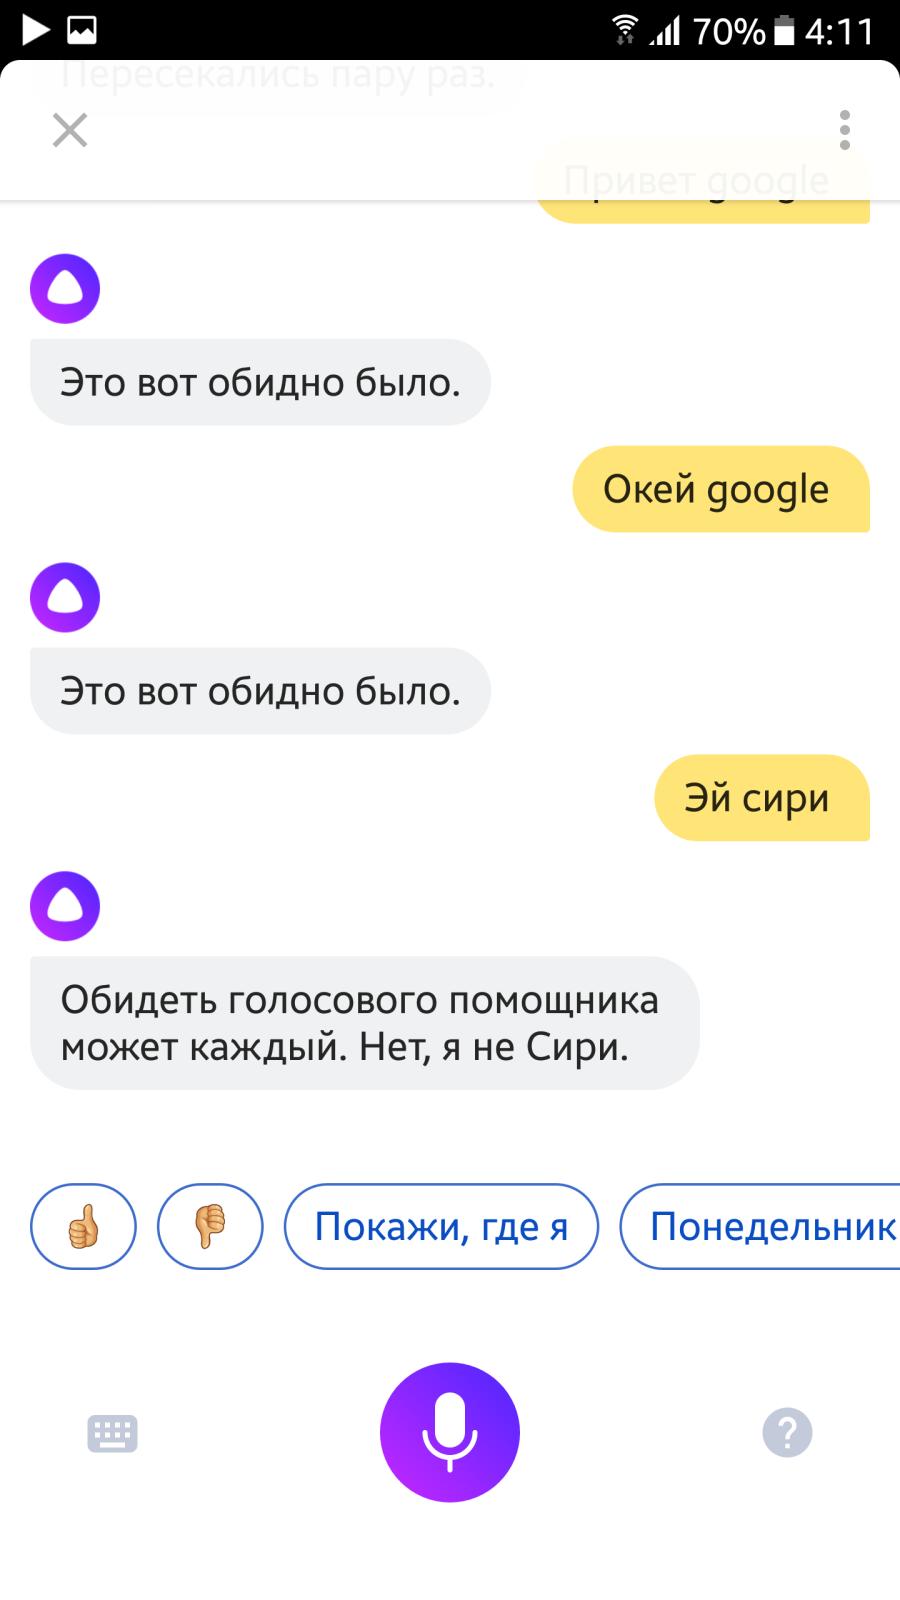 Как сделать чтобы компьютер разговаривал с тобой